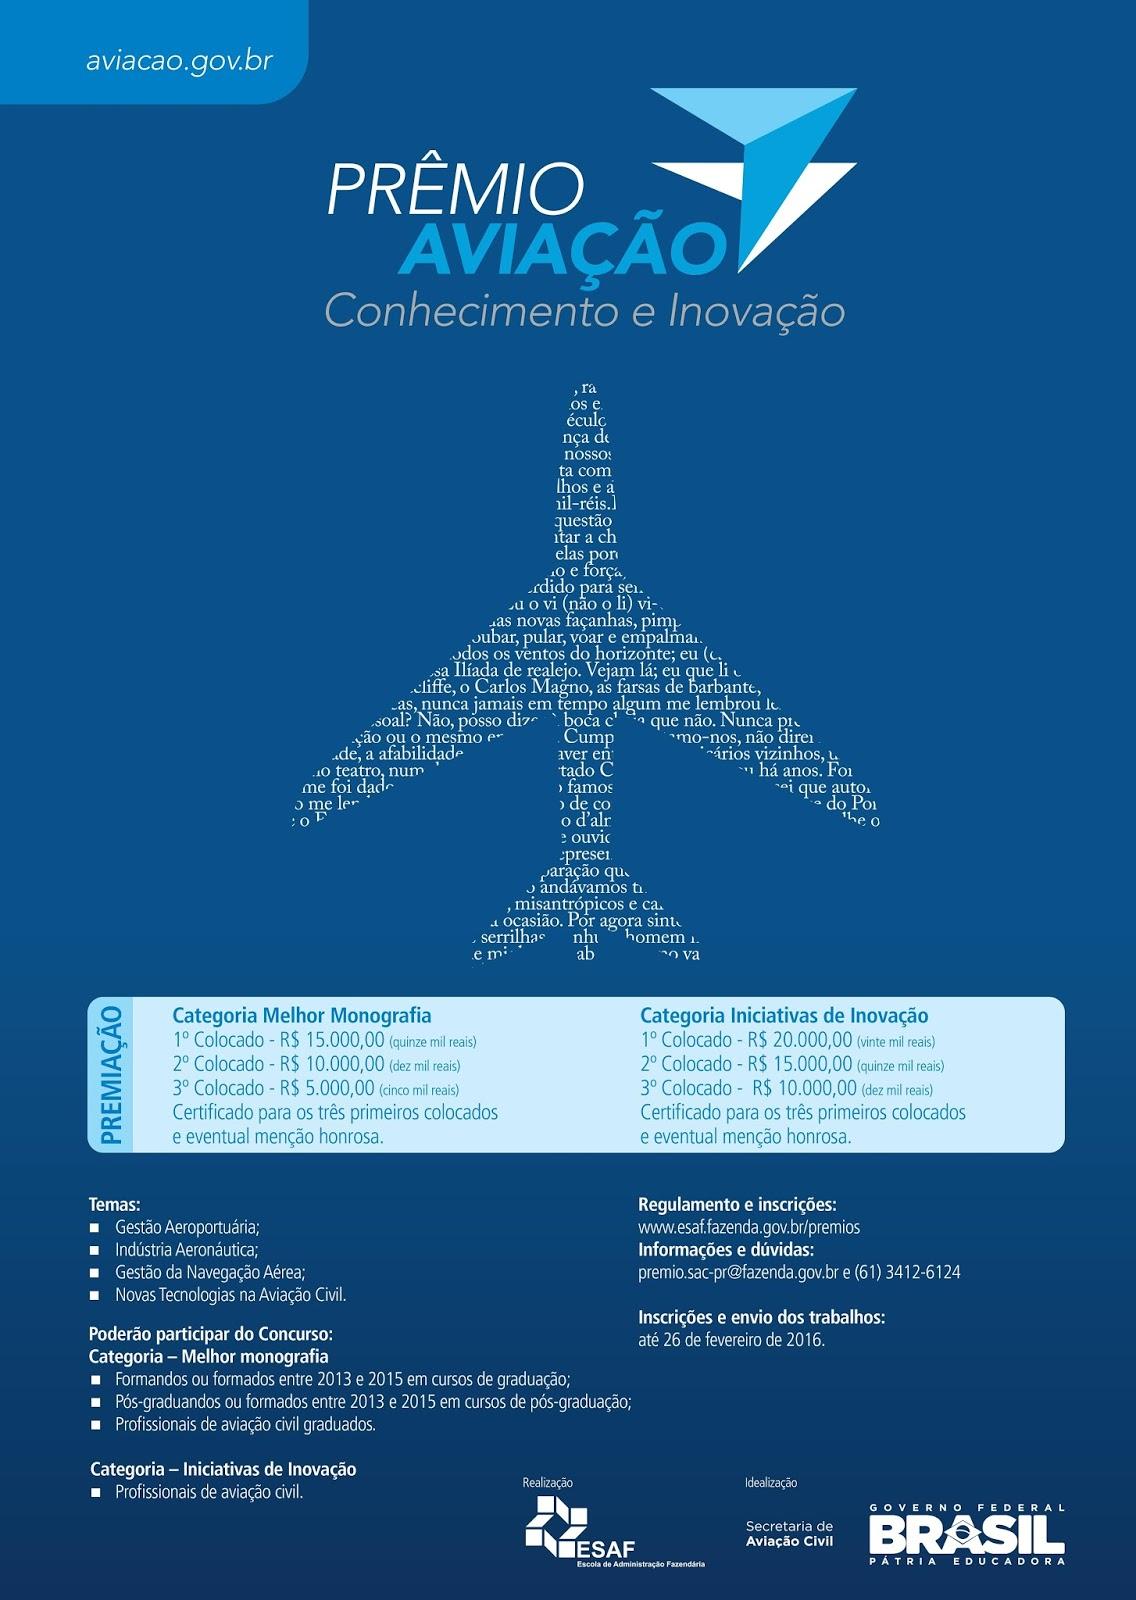 Prêmio Aviação – Inscrições Abertas para graduados profissionais! Saiba mais...